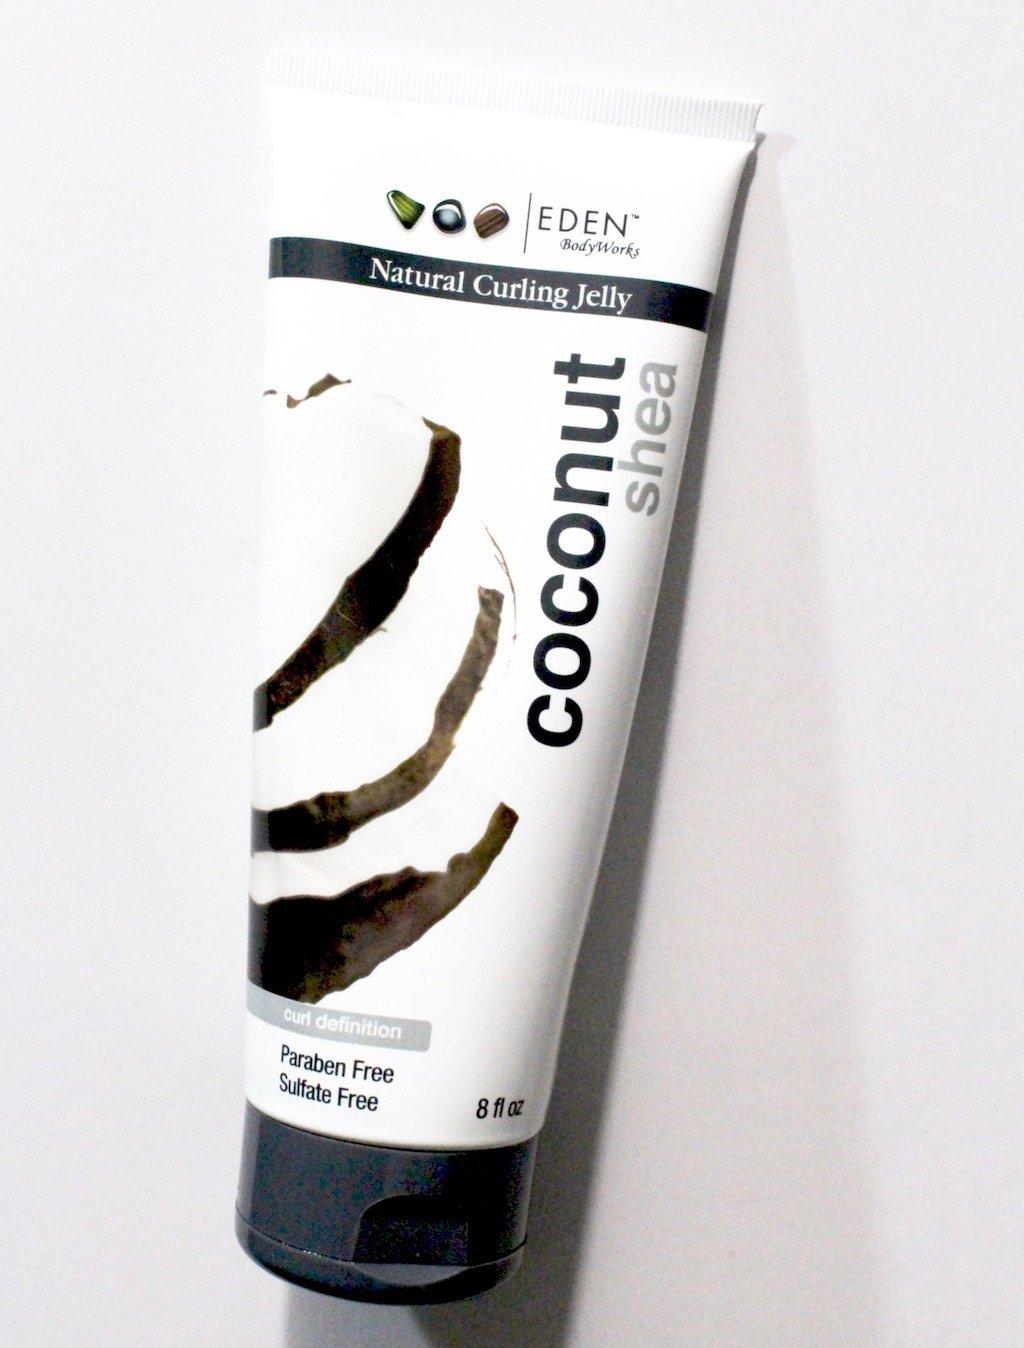 Eden BodyWorks Coconut Shea Natural Curling Jelly